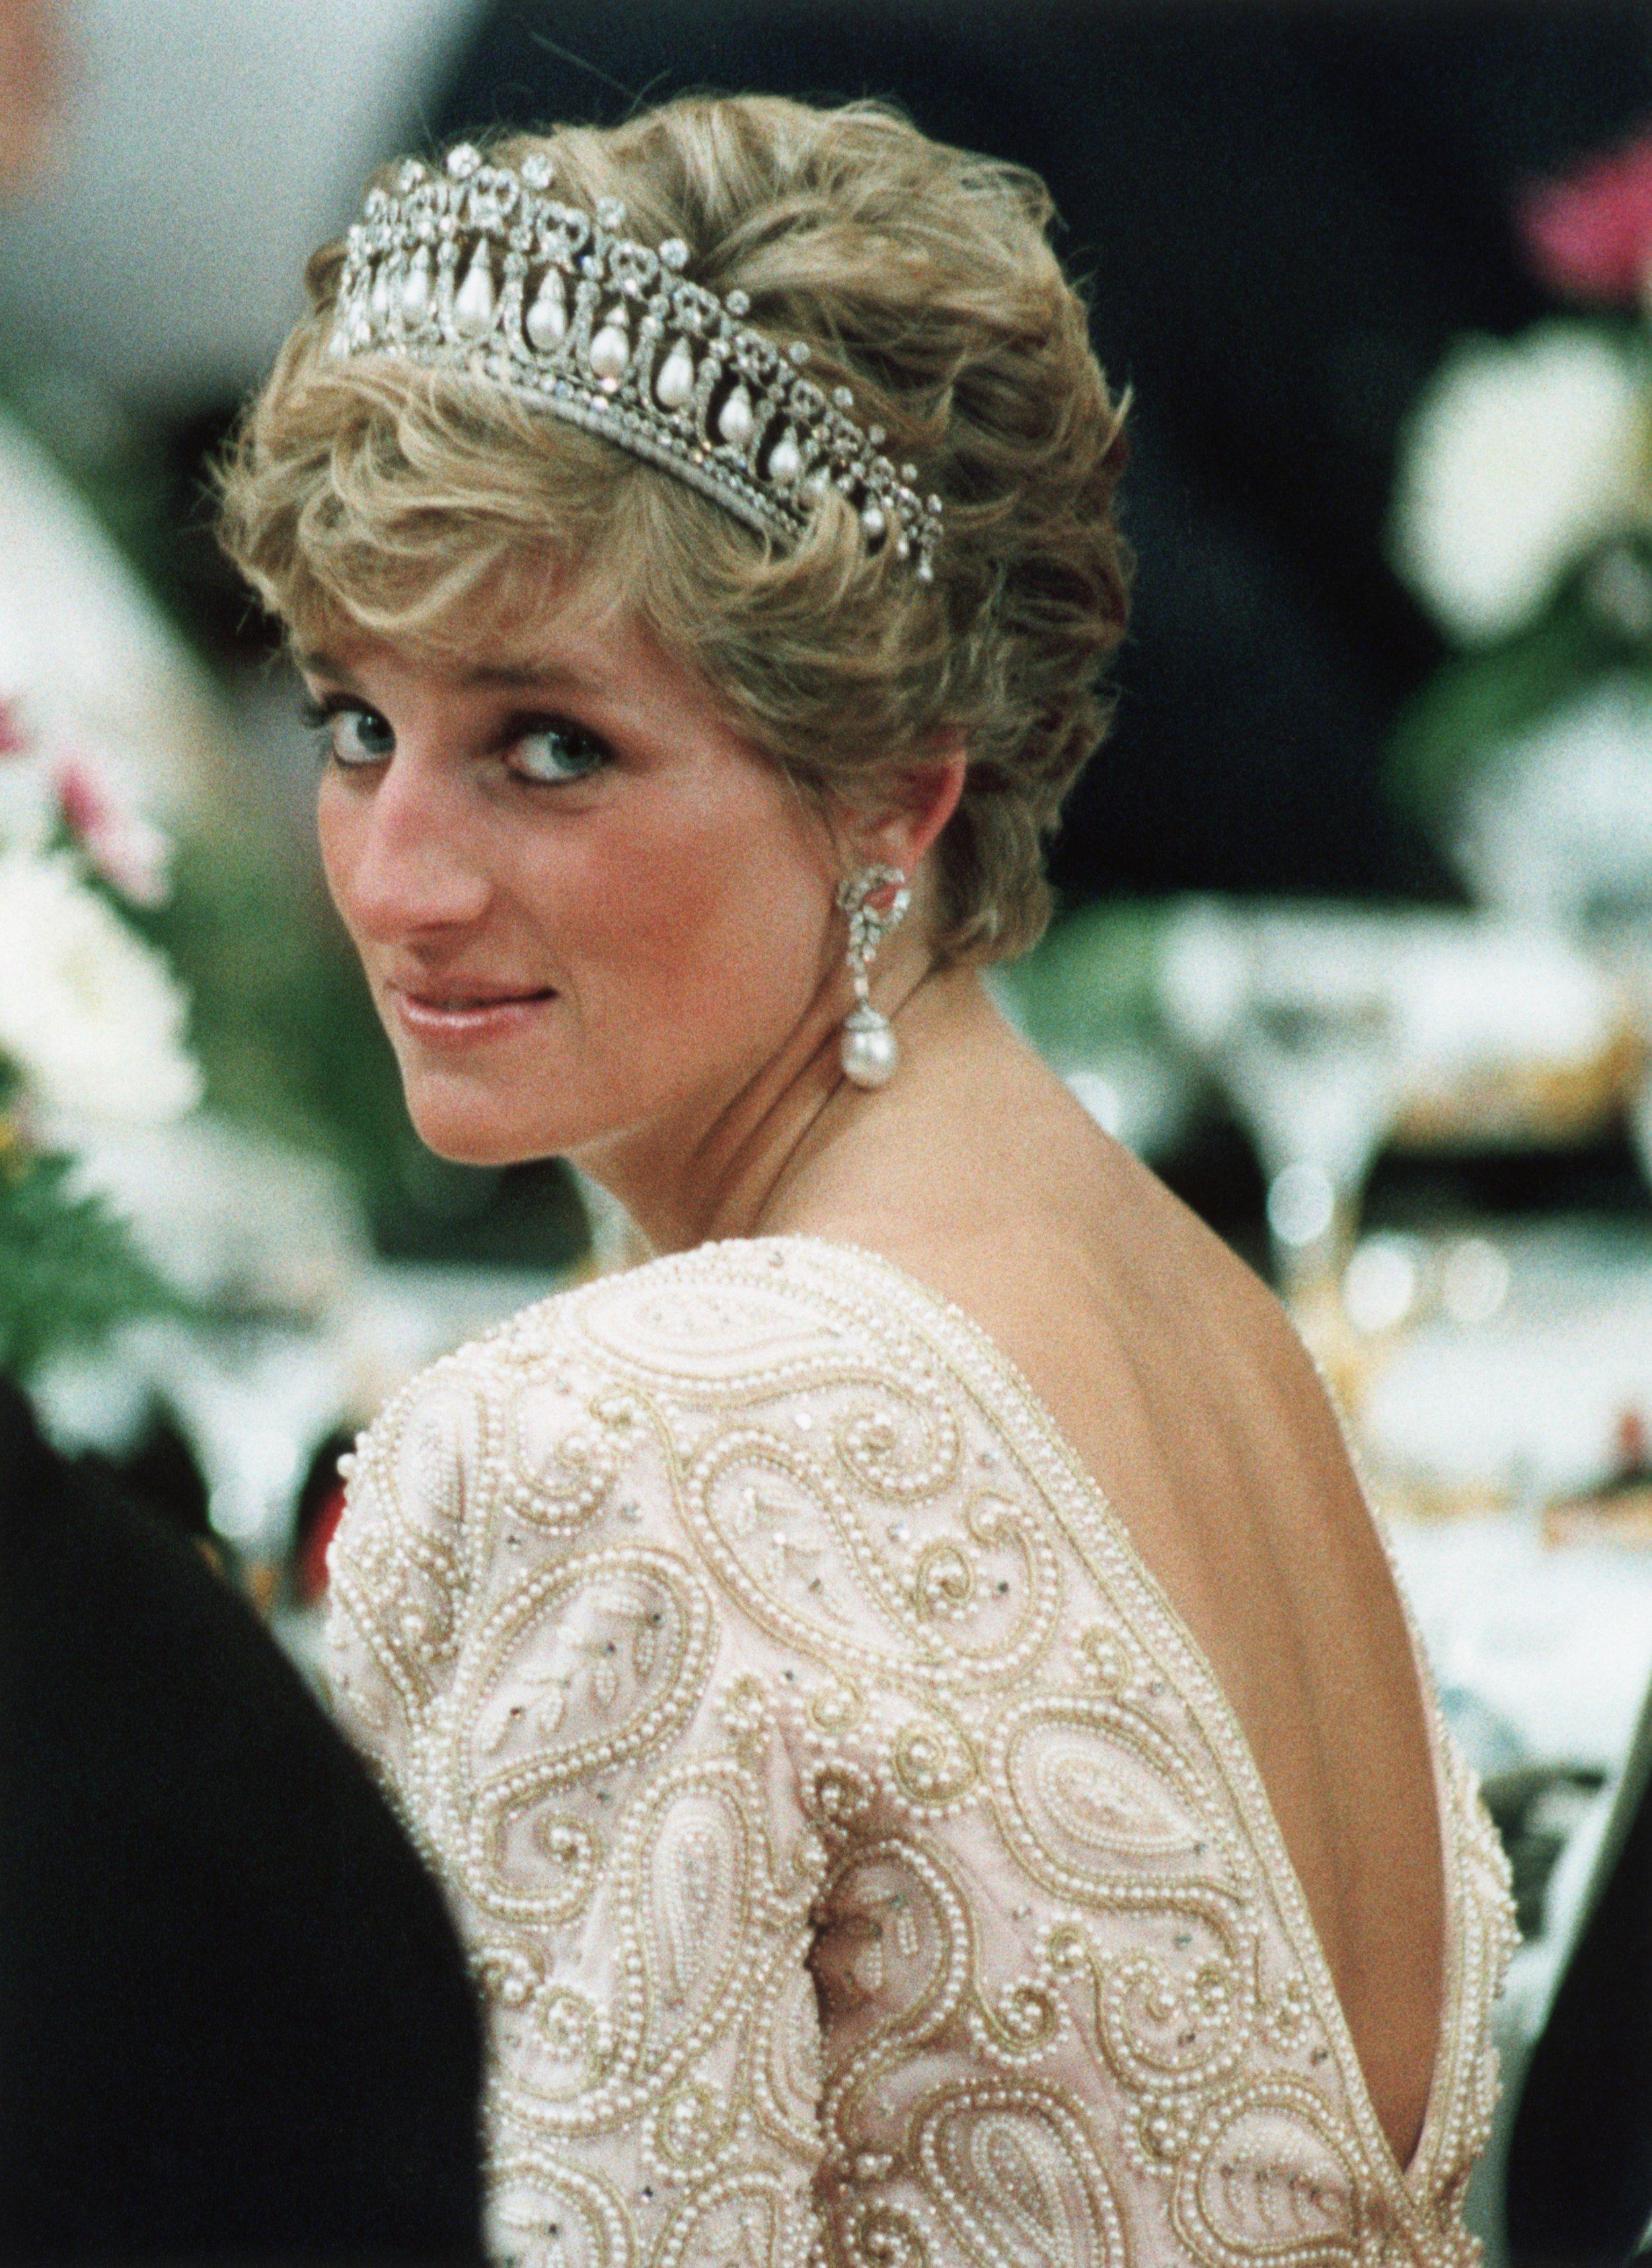 9 - Remembering Princess Diana